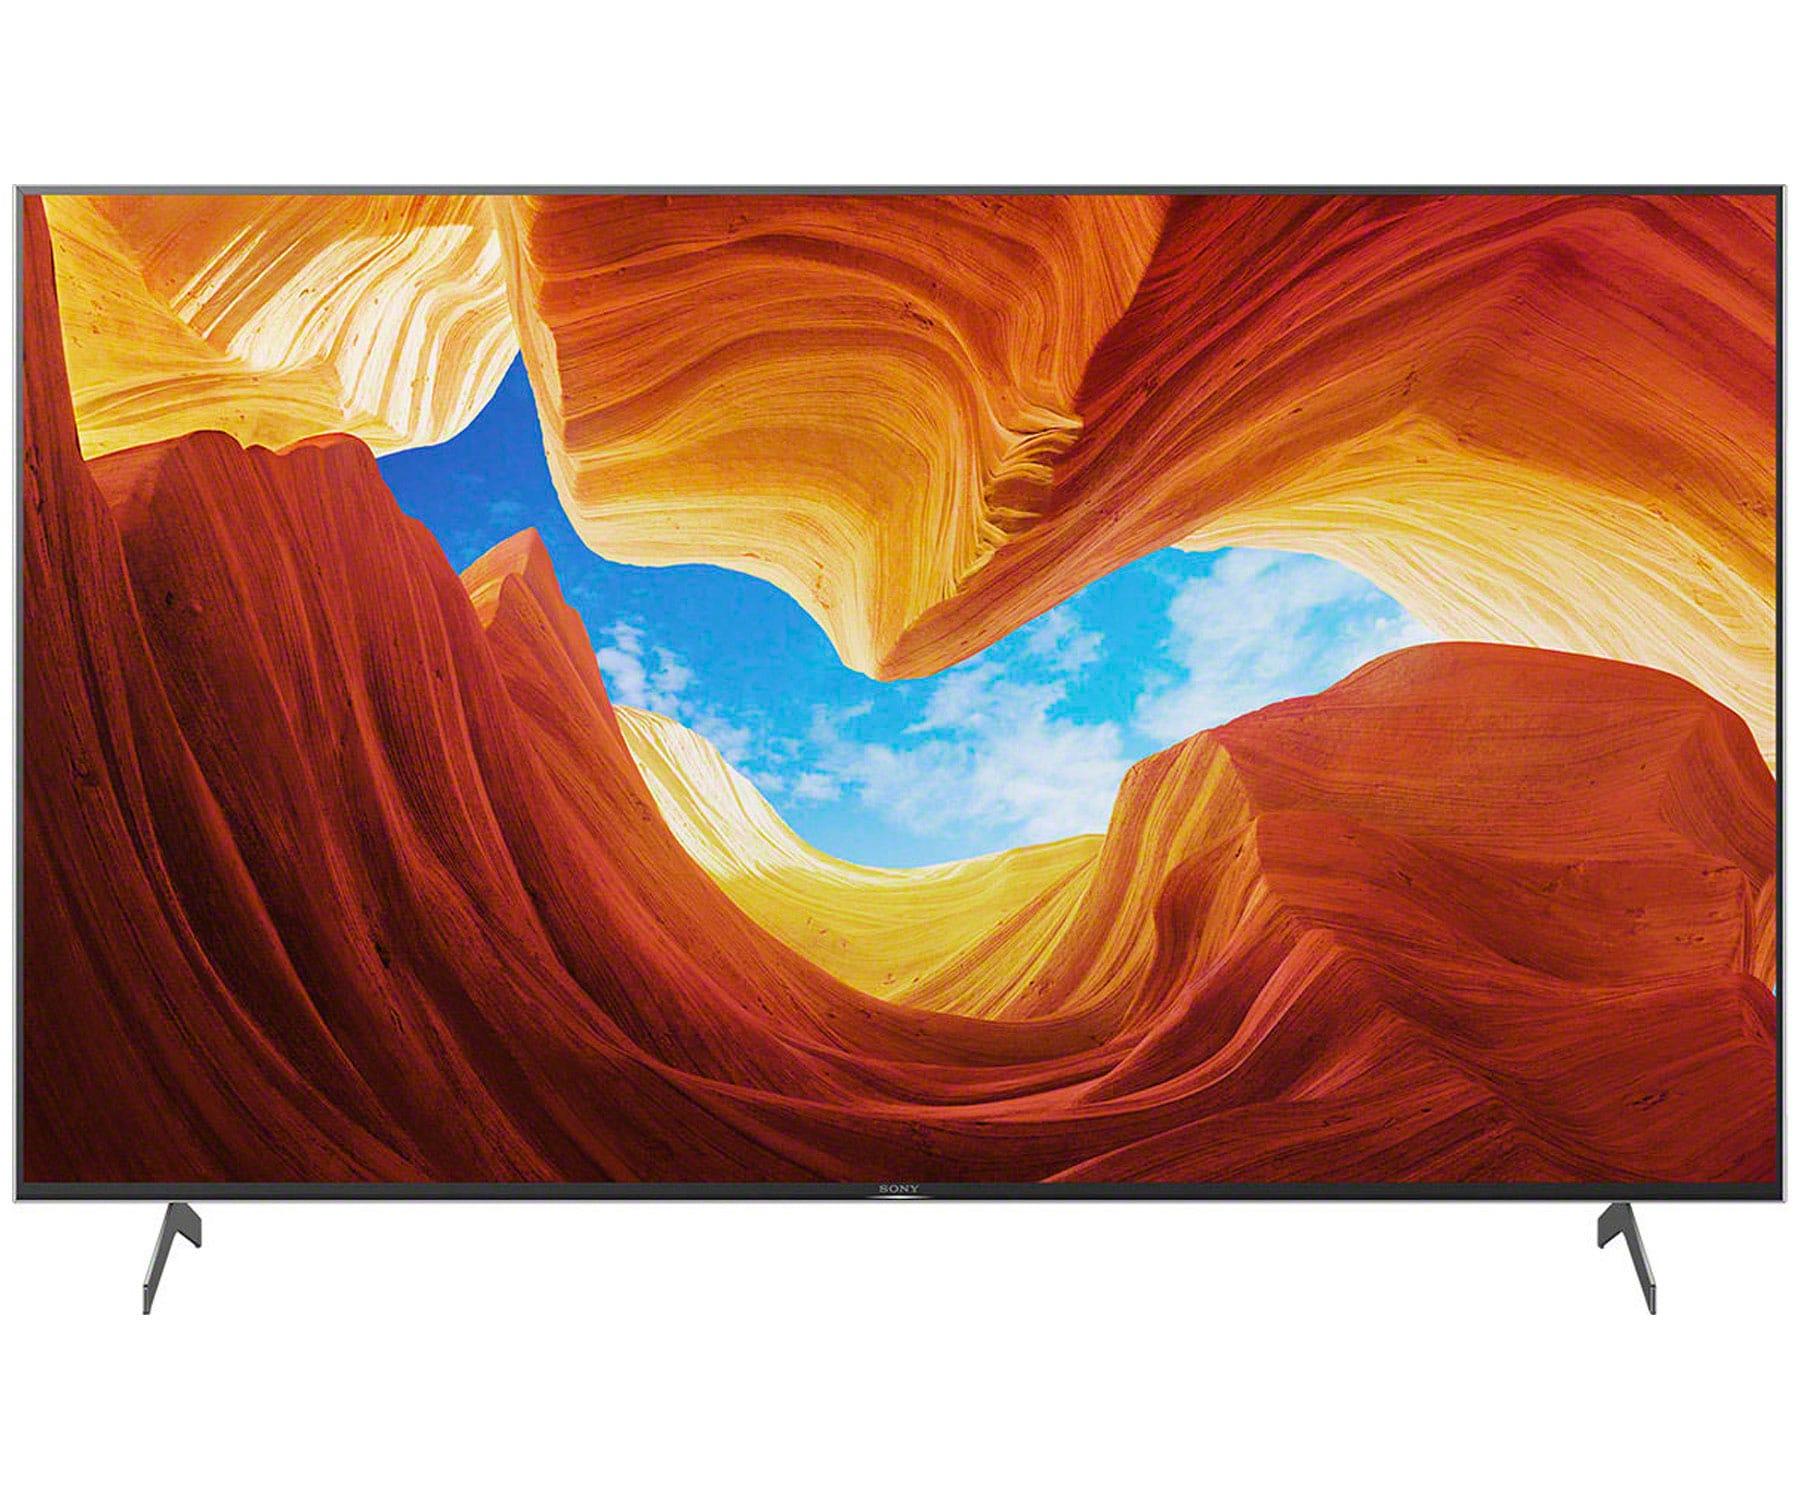 SONY KD-55XH9096 TELEVISOR 55'' LCD FULL ARRAY LED UHD 4K HDR ANDROID TV CHROMECAST INTEGRADO